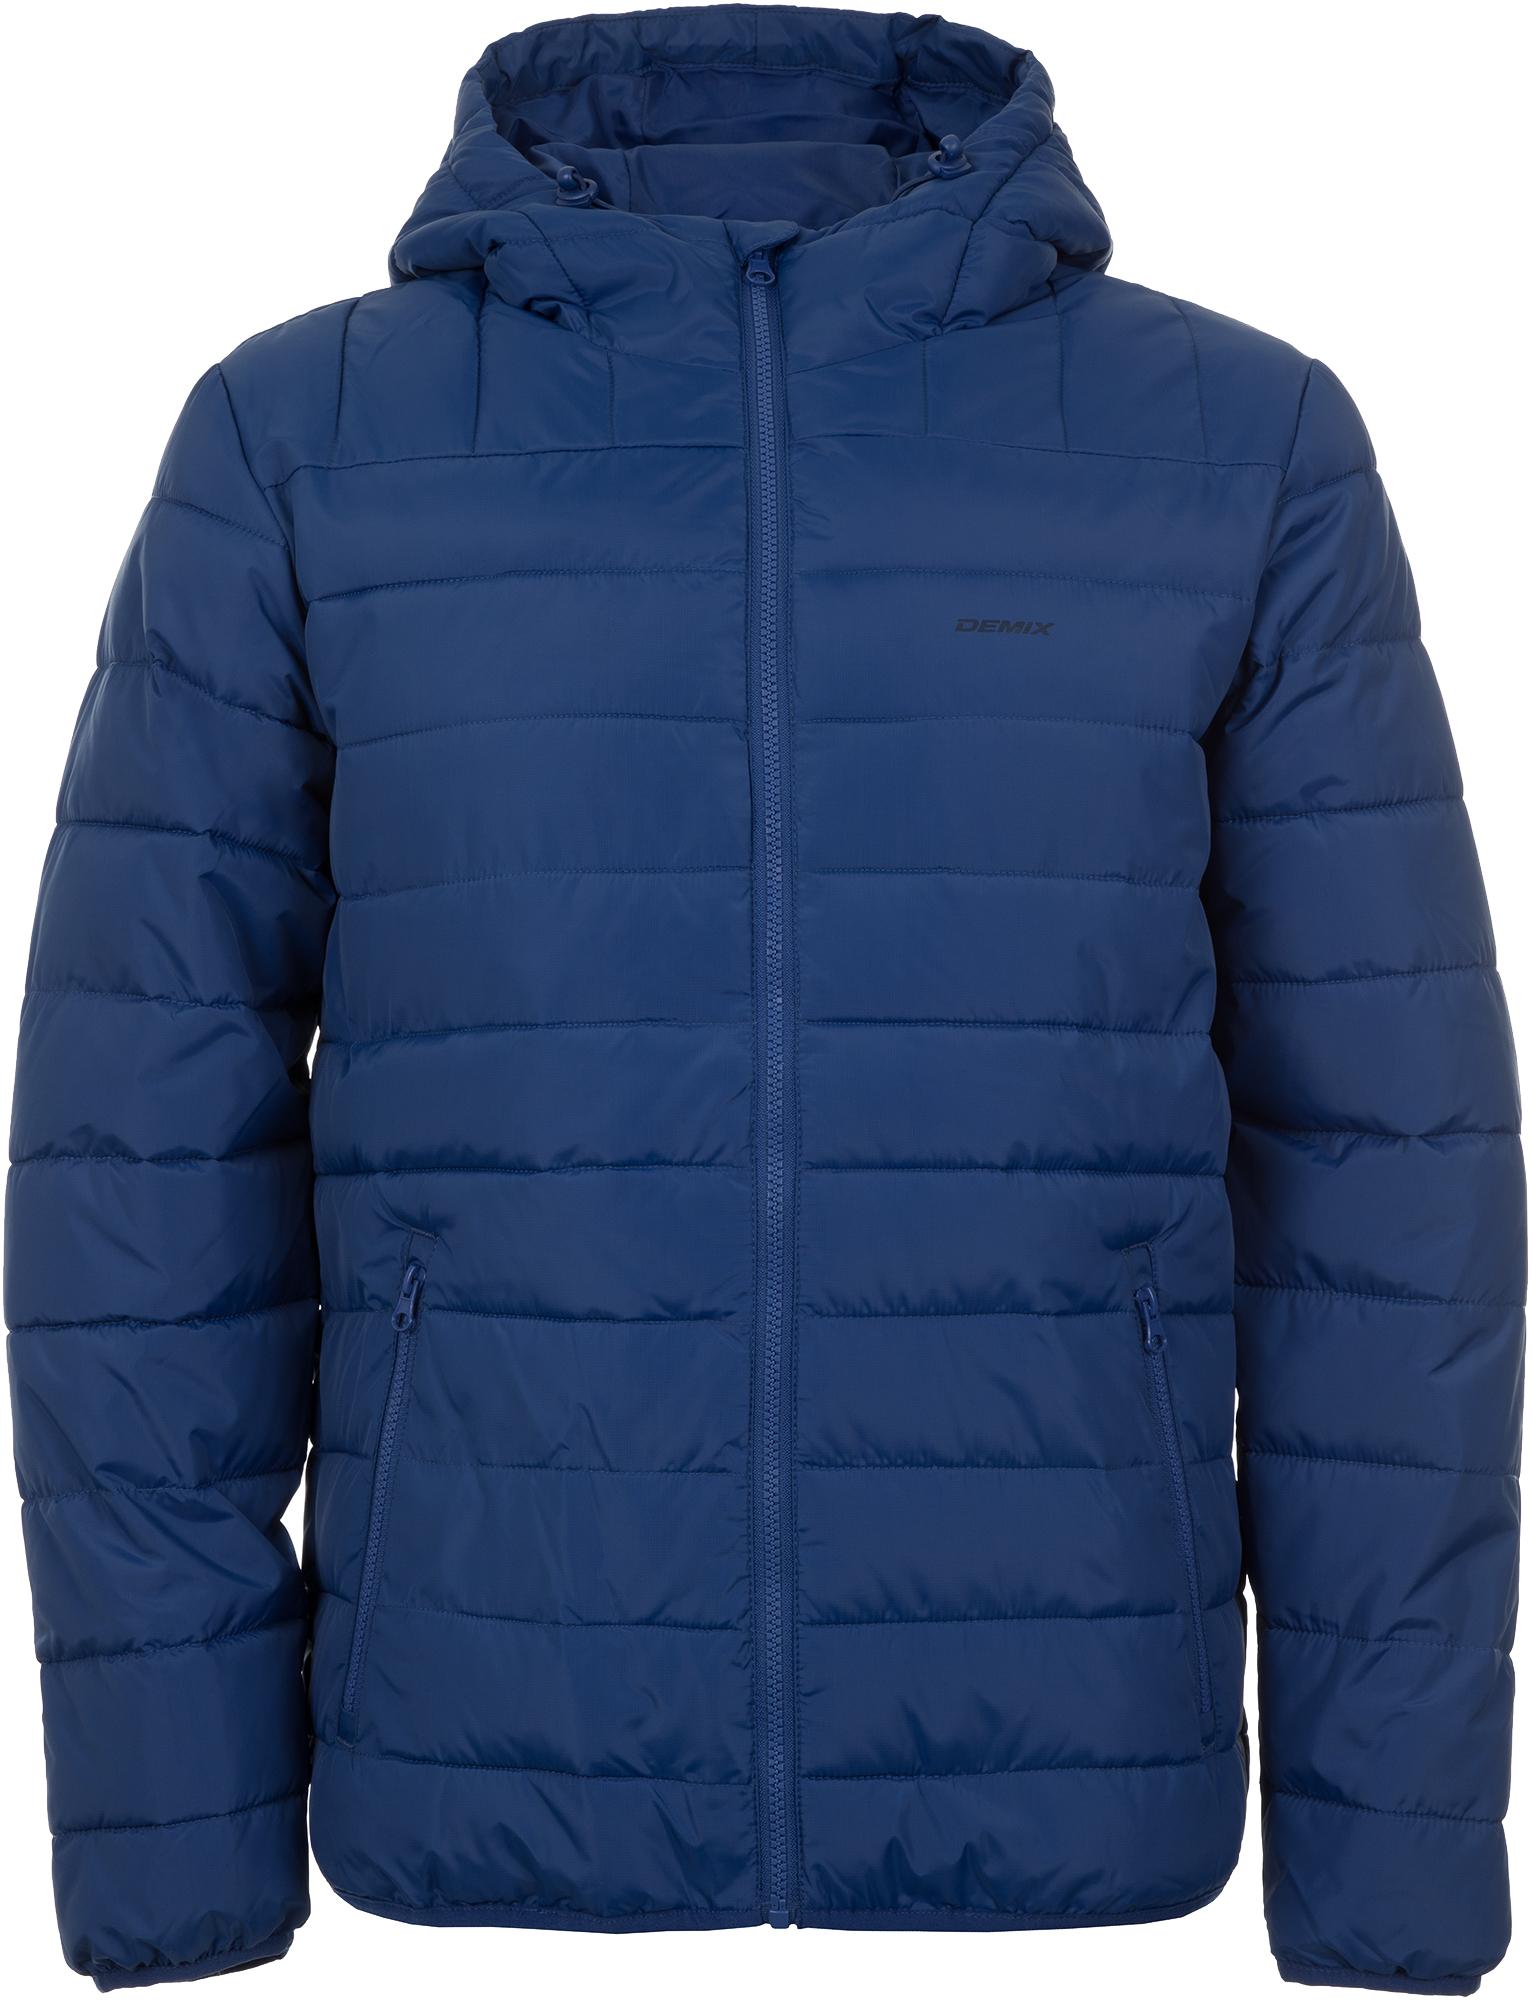 Demix Куртка утепленная мужская Demix, размер 48-50 demix куртка утепленная мужская demix размер 62